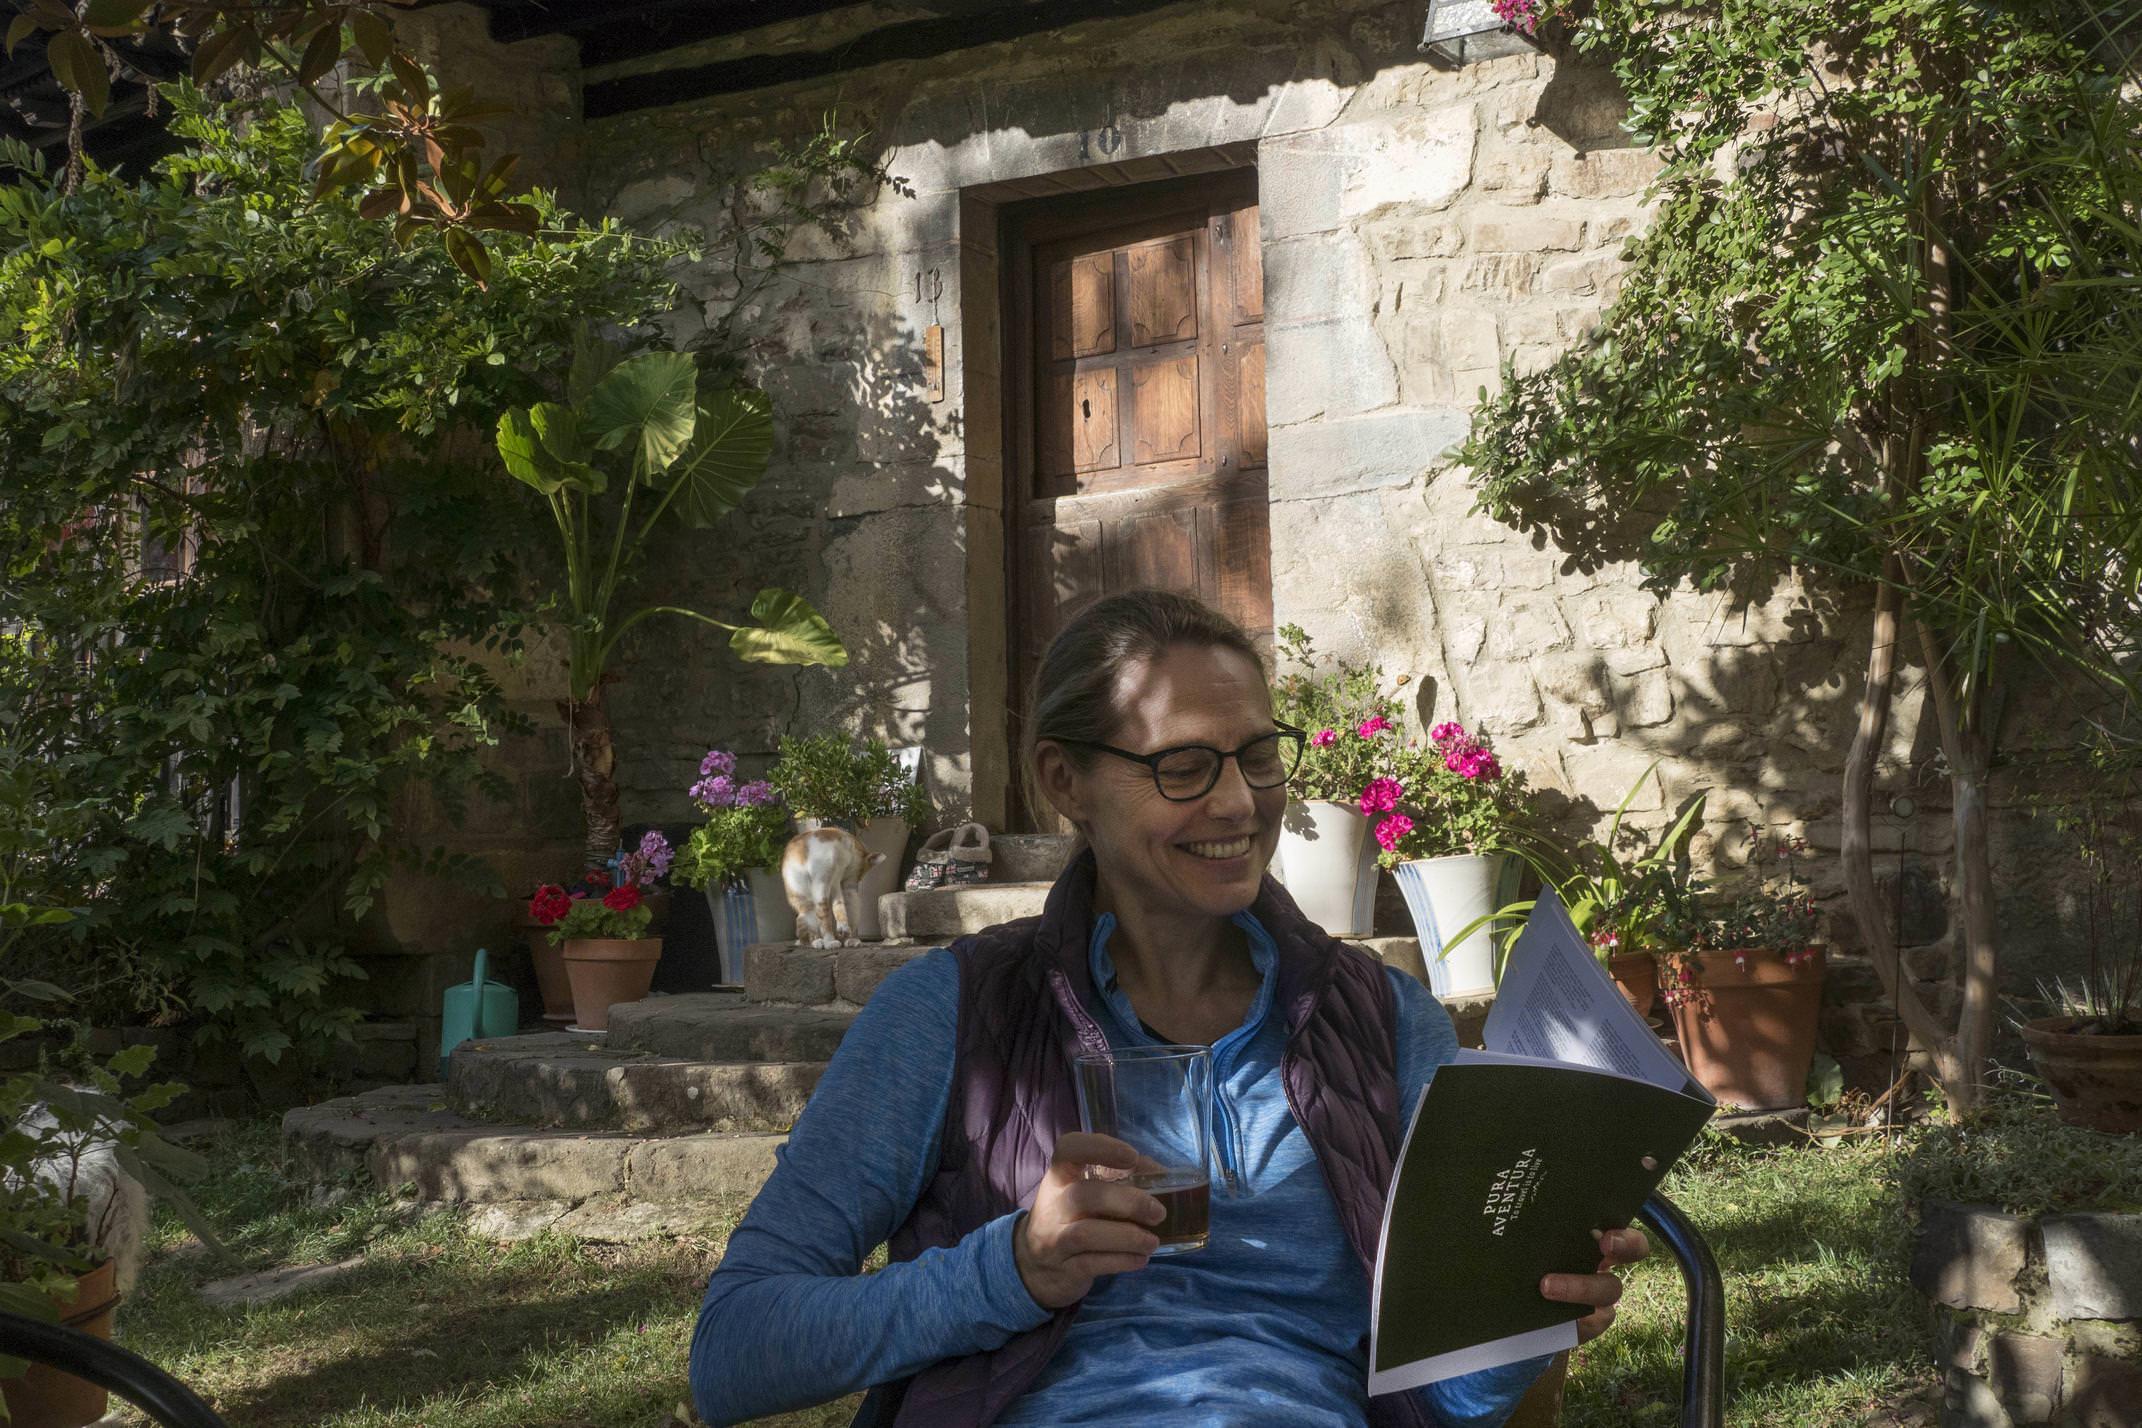 Spain cantabria picos de europa inn to inn tollo posada garden pura info